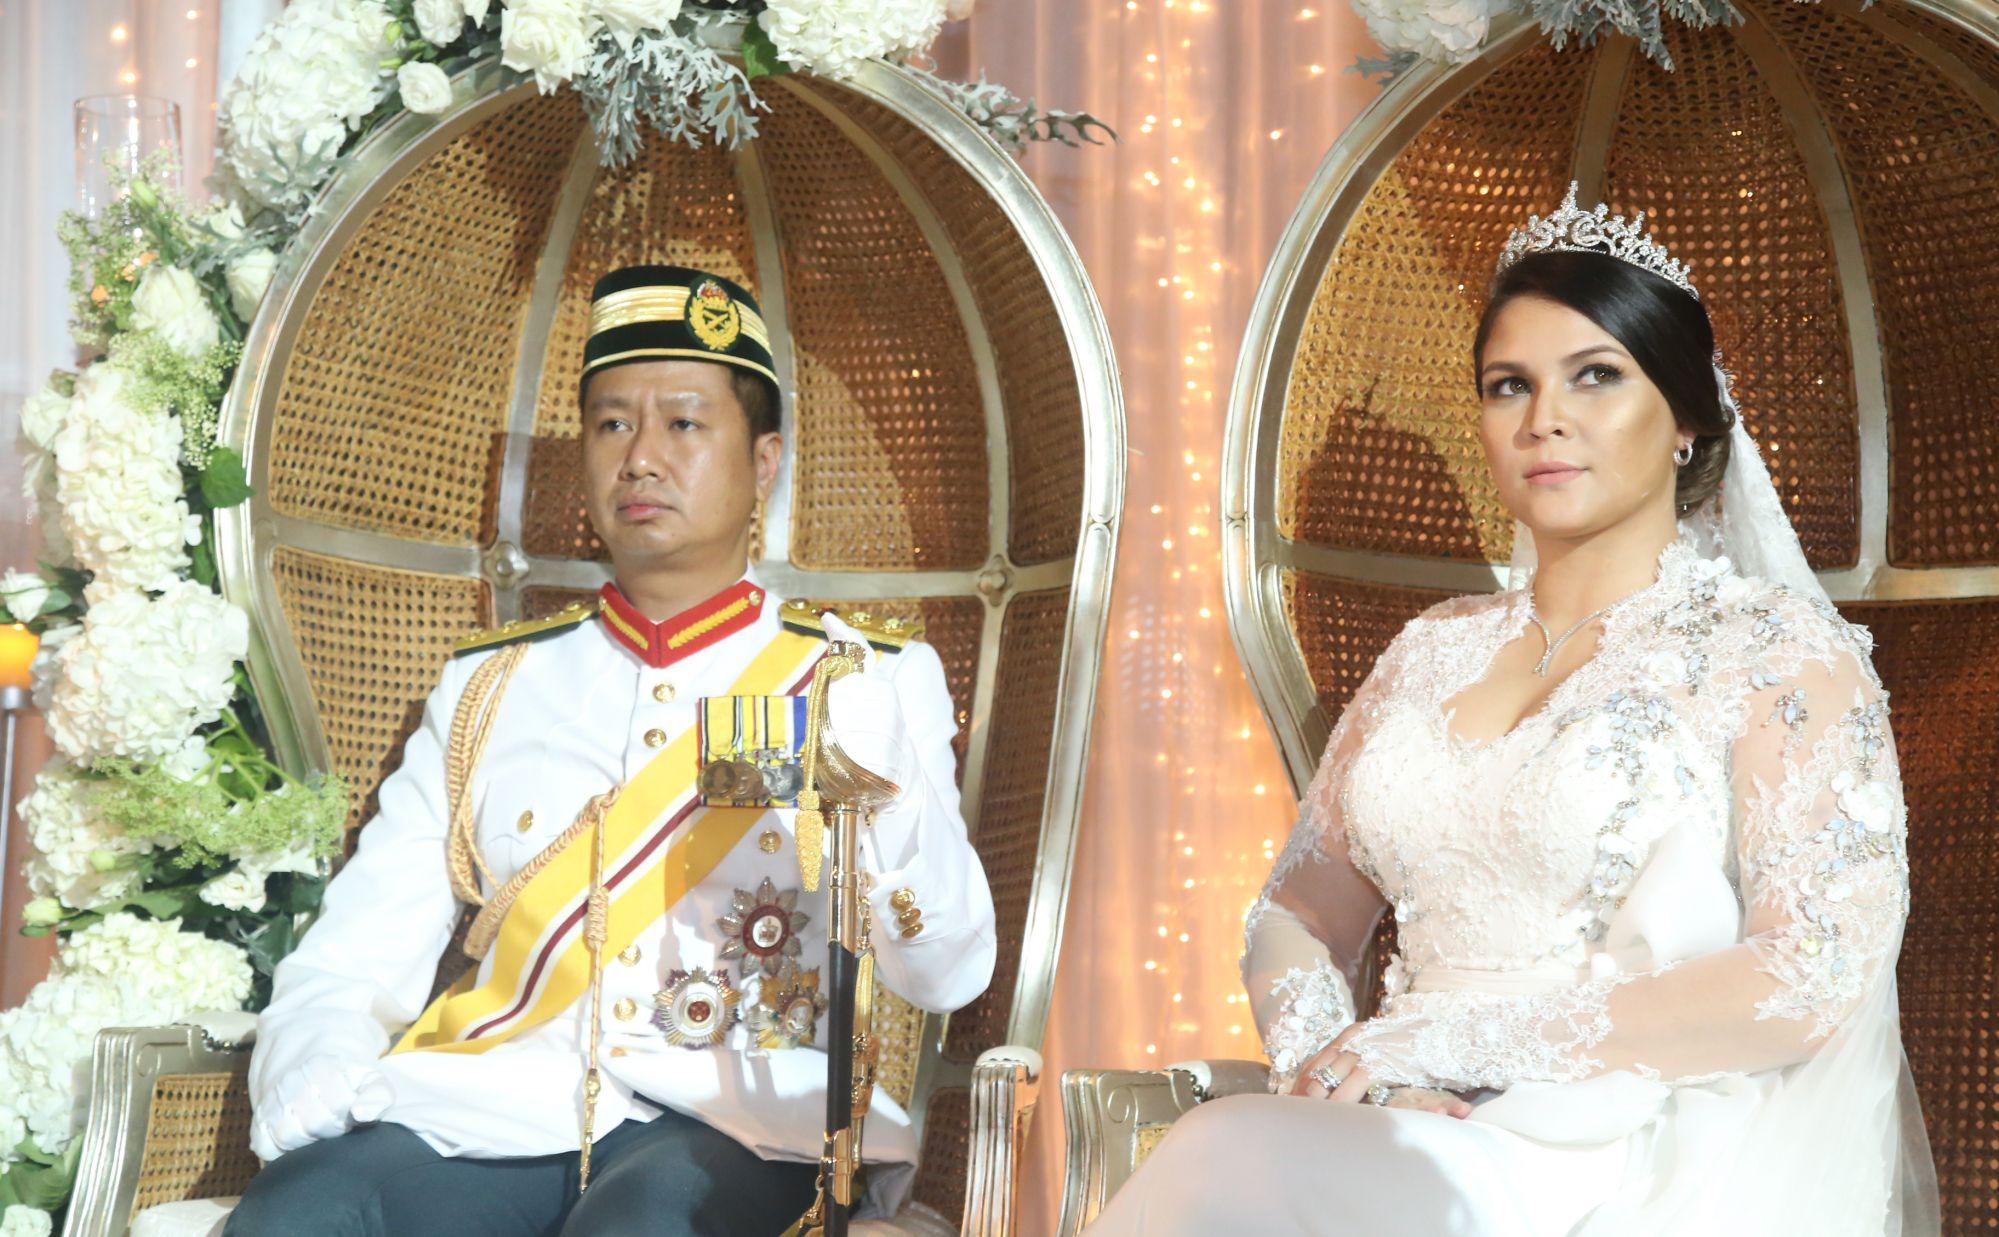 Dato' Seri Tengku Baharuddin Sultan Mahmud and Nabilah Khan